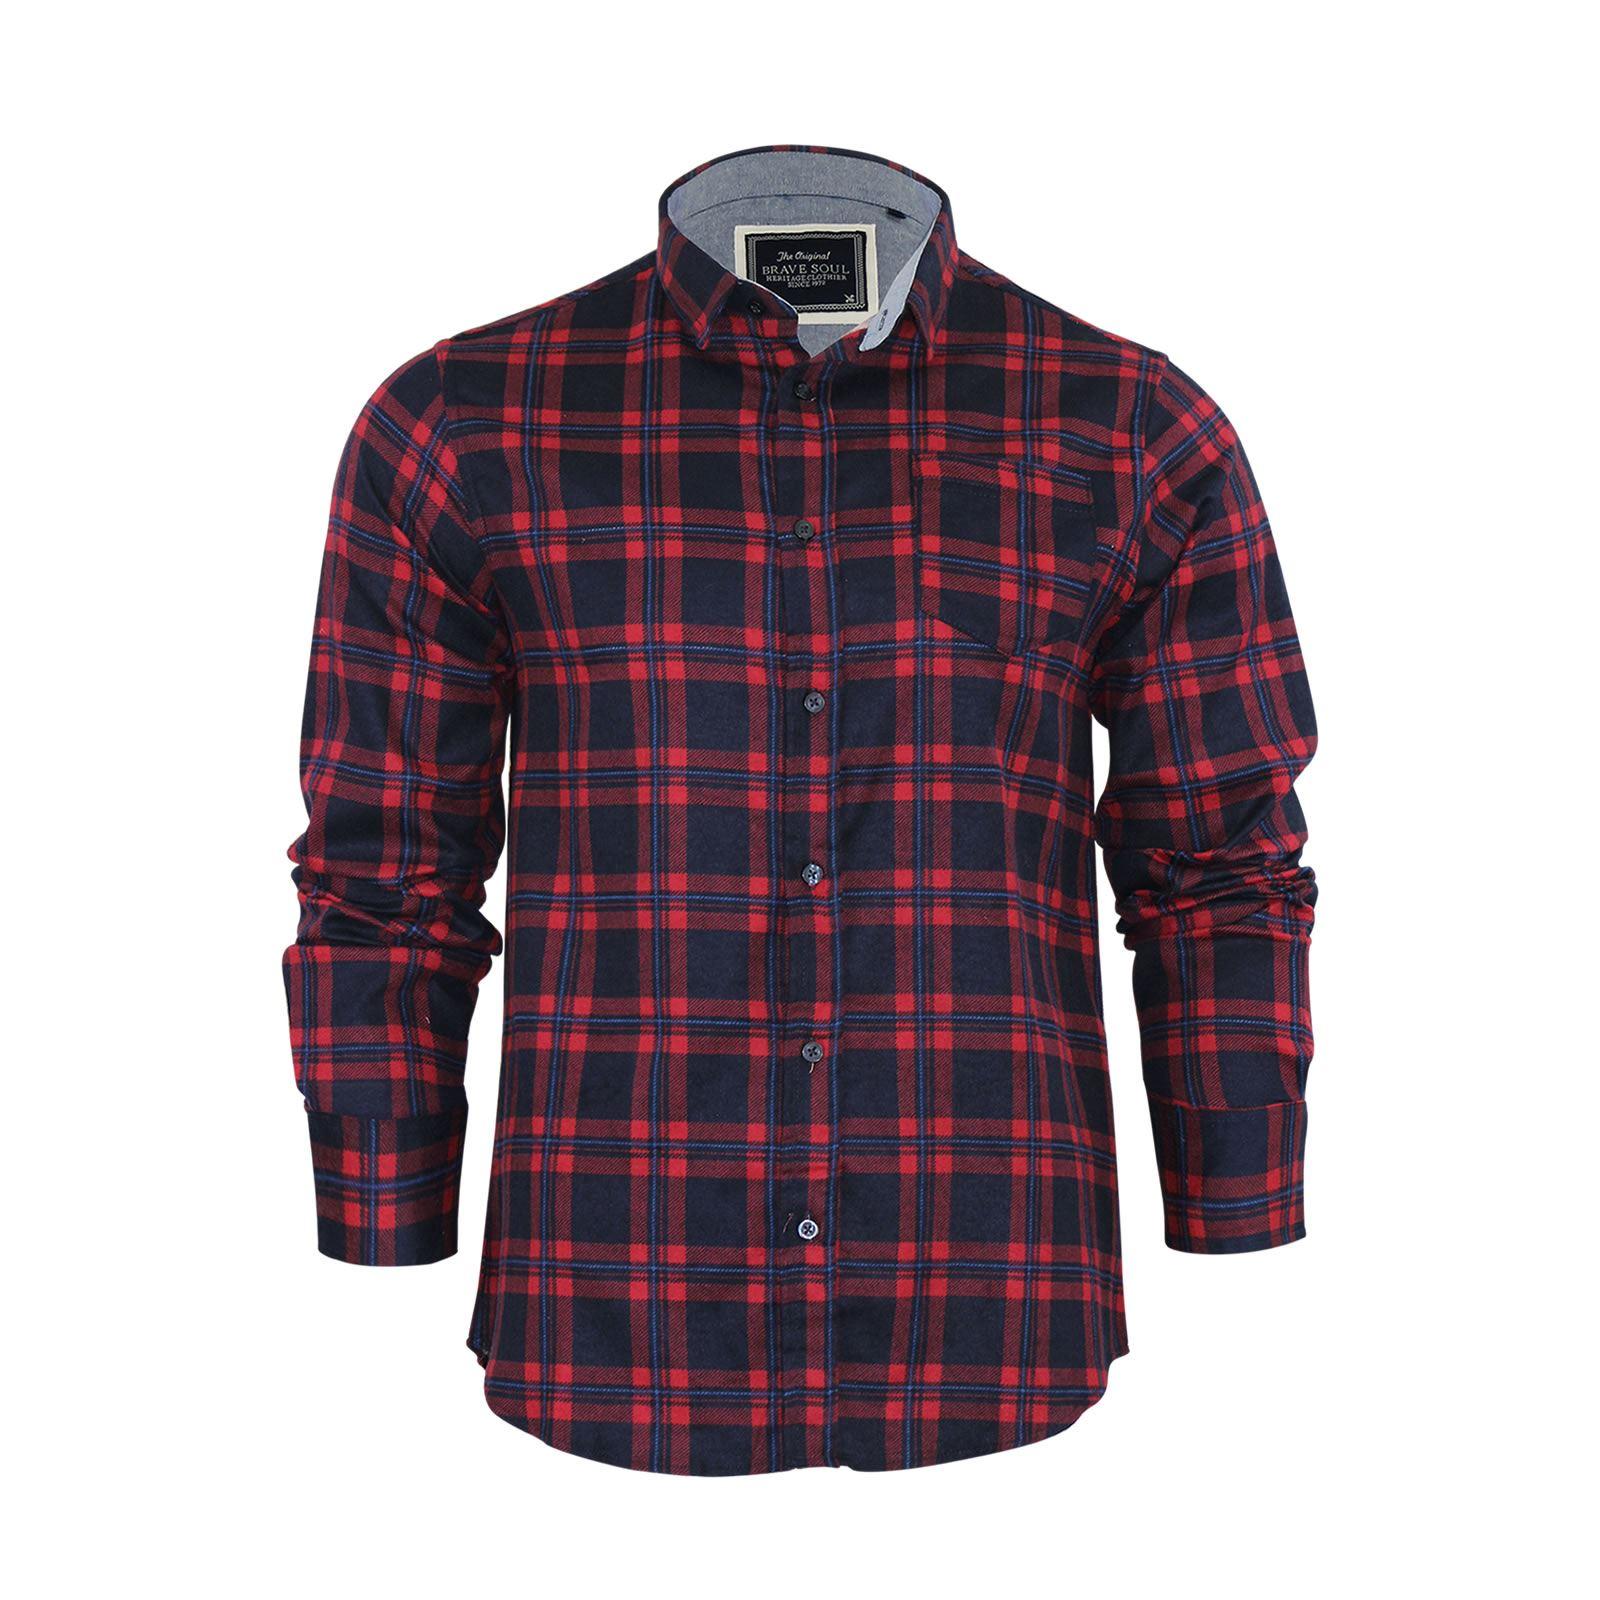 Alma-VALIENTE-HOMBRE-compruebe-Camisa-Algodon-Cepillado-De-Franela-Top-Manga-Larga-Casual miniatura 21